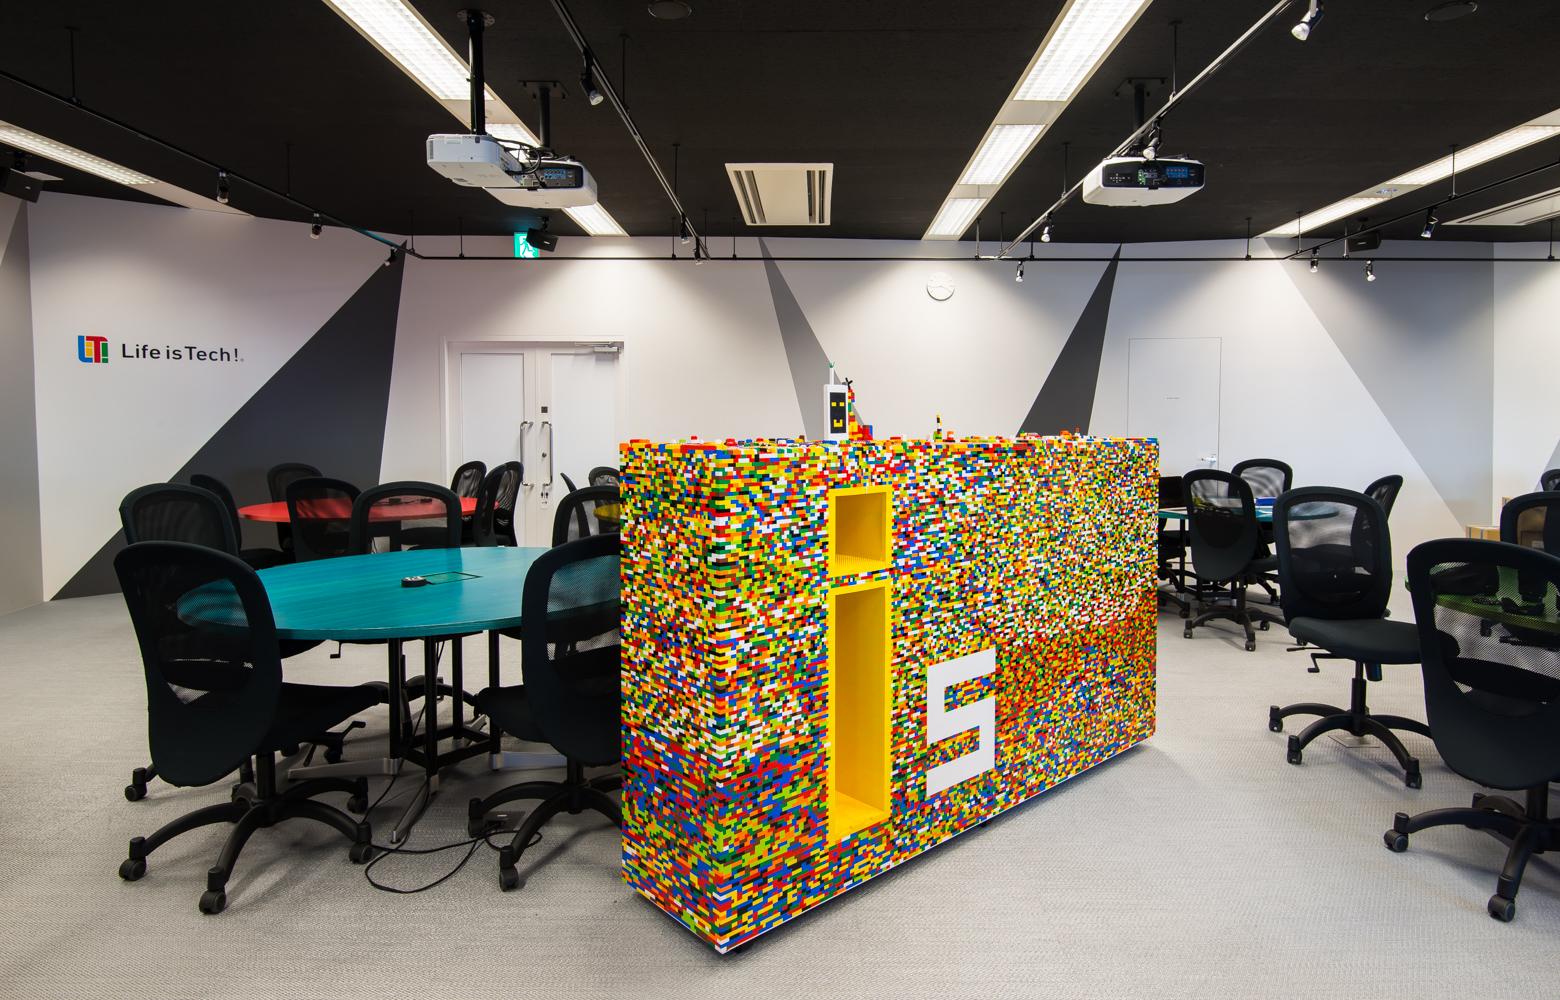 ライフイズテック株式会社 LEGO_2 デザイン・レイアウト事例